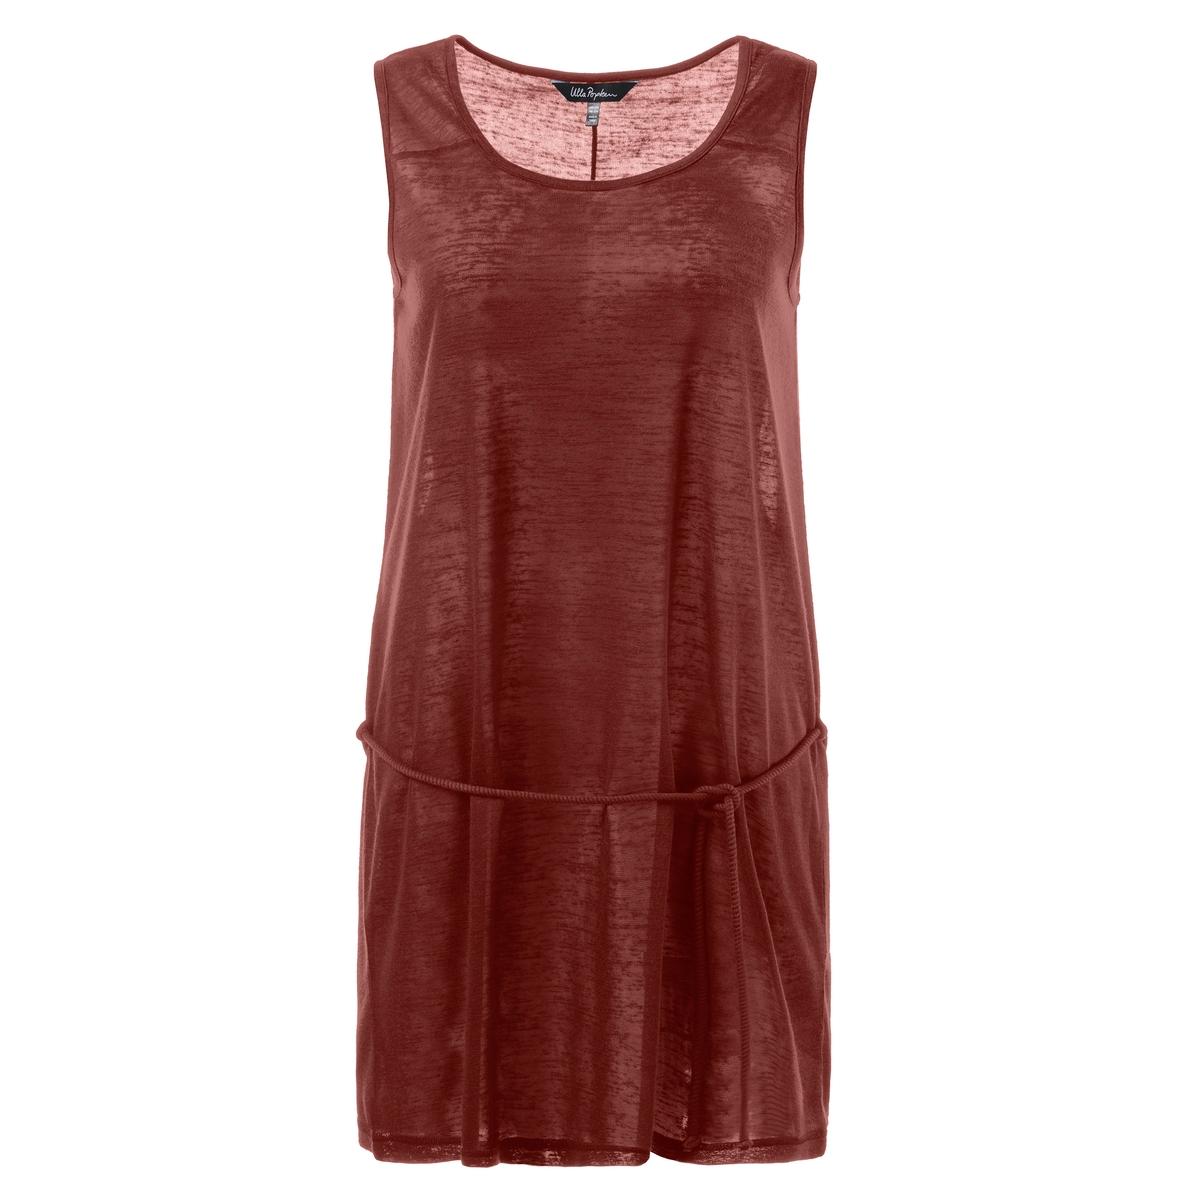 ПлатьеПлатье - ULLA POPKEN. Симпатичное летнее платье из джерси, напоминающее лен   . Без рукавов. округлый вырез и завязки . 100% полиэстера.. Длина в зависимости от размера ок. 90-100 см.<br><br>Цвет: красный